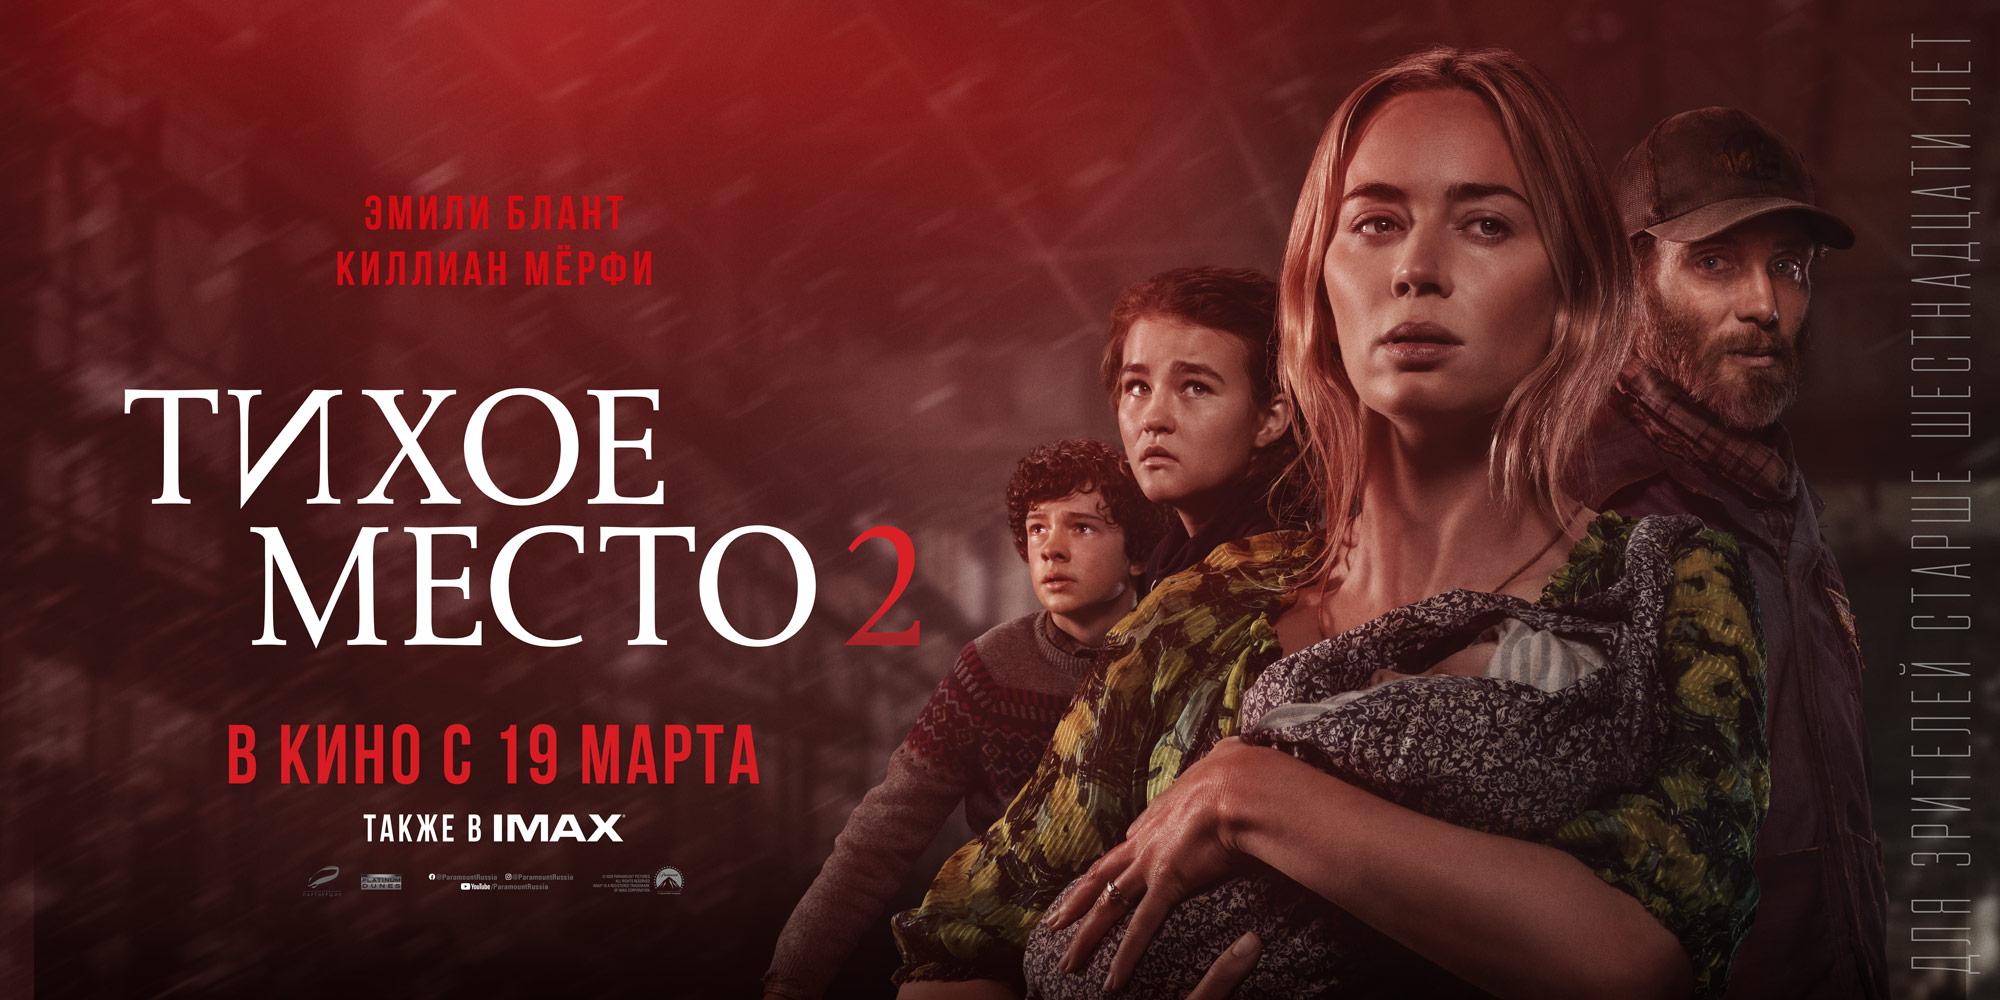 Фильм Тихое место 2 трейлер